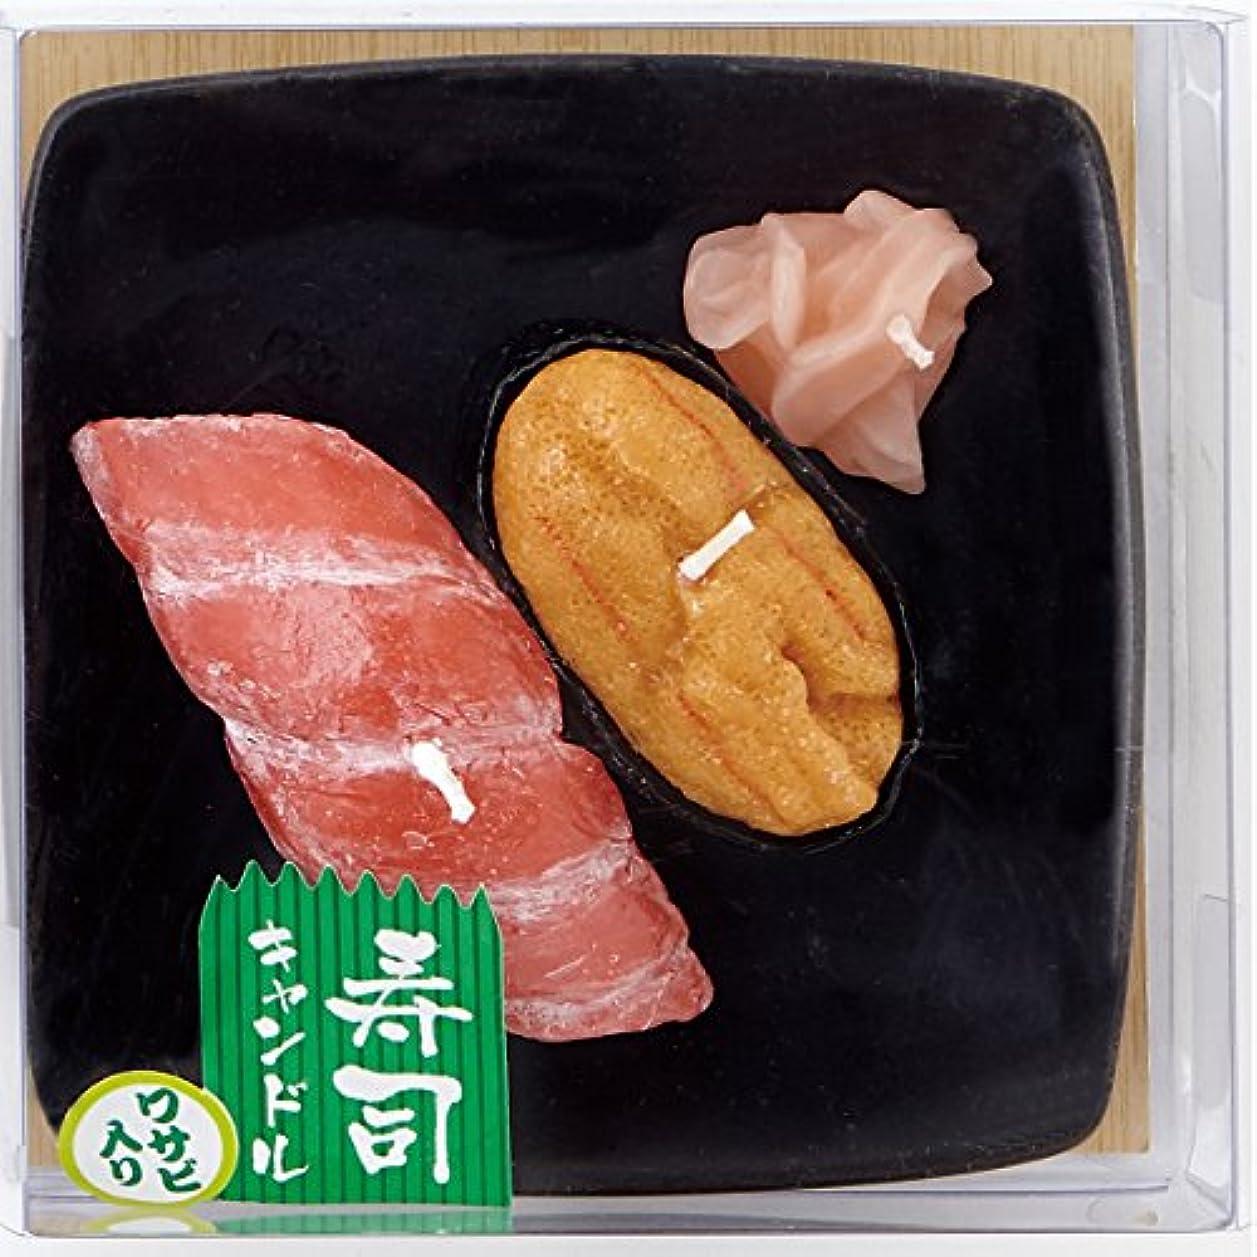 革新武器ストレージ寿司キャンドル C(ウニ?大トロ) サビ入